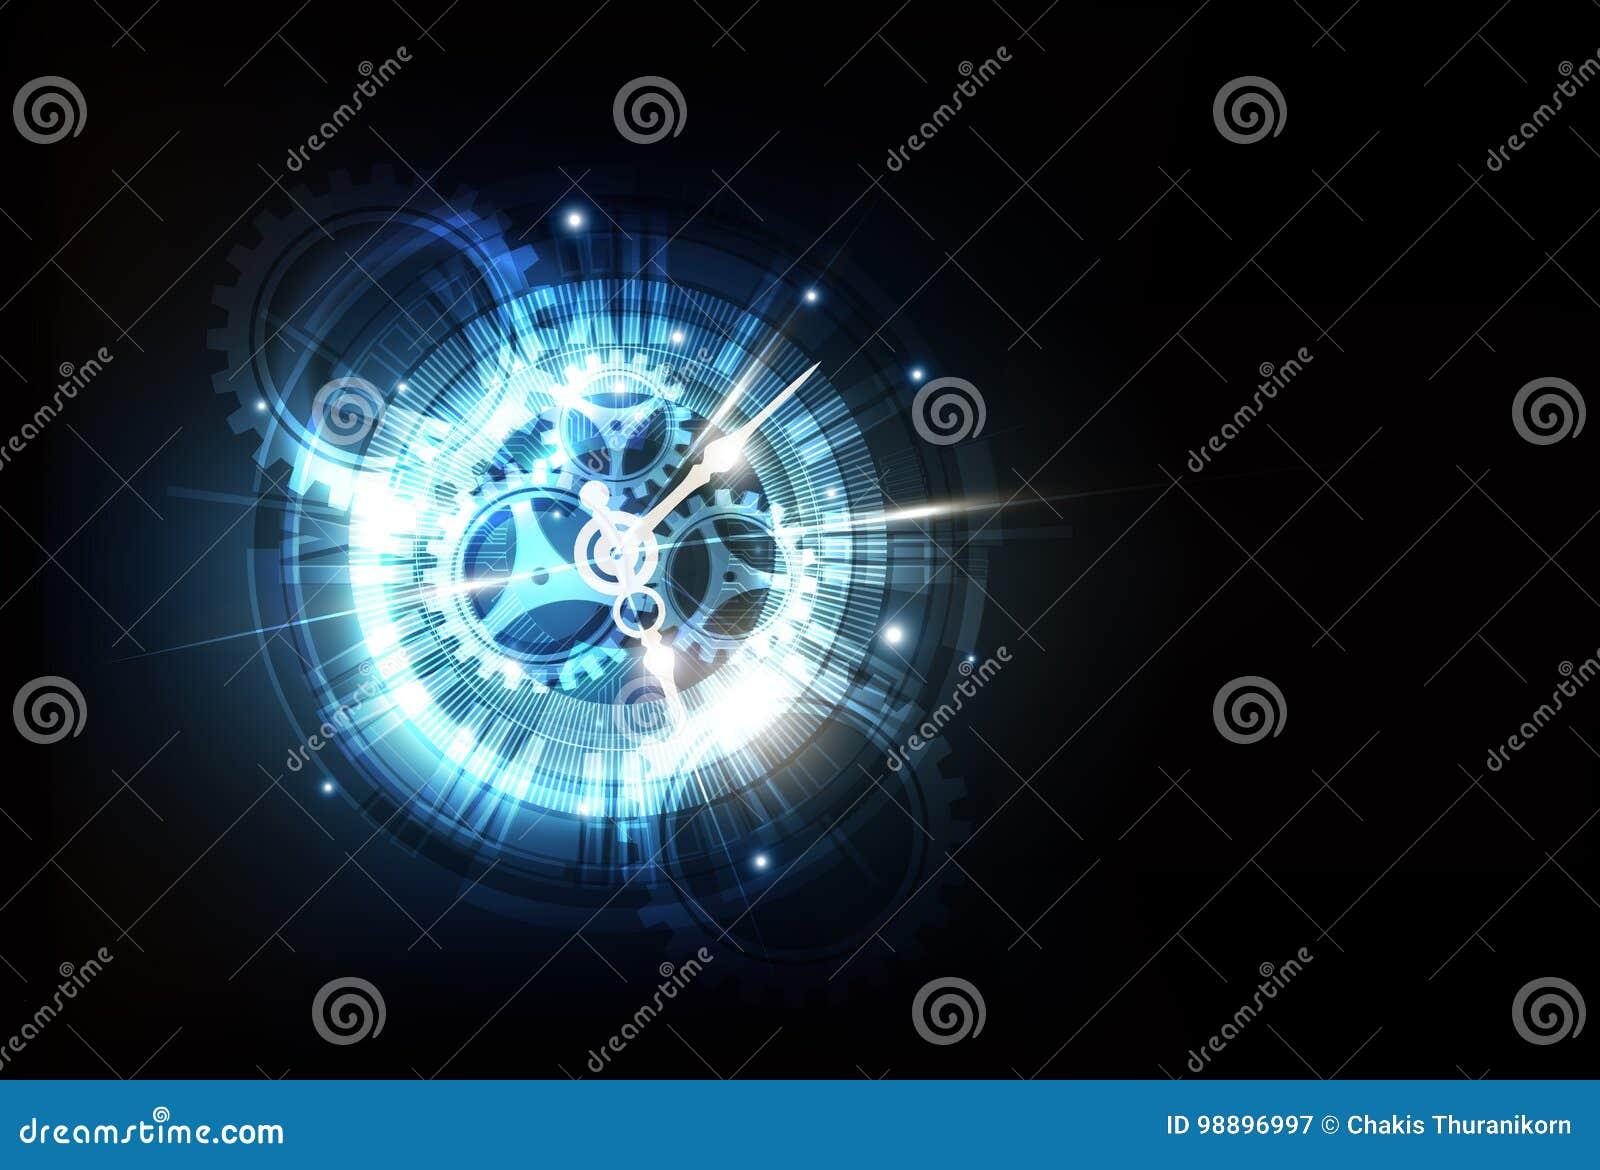 Fondo futurista abstracto de la tecnología con la máquina del concepto y de tiempo del reloj, vector